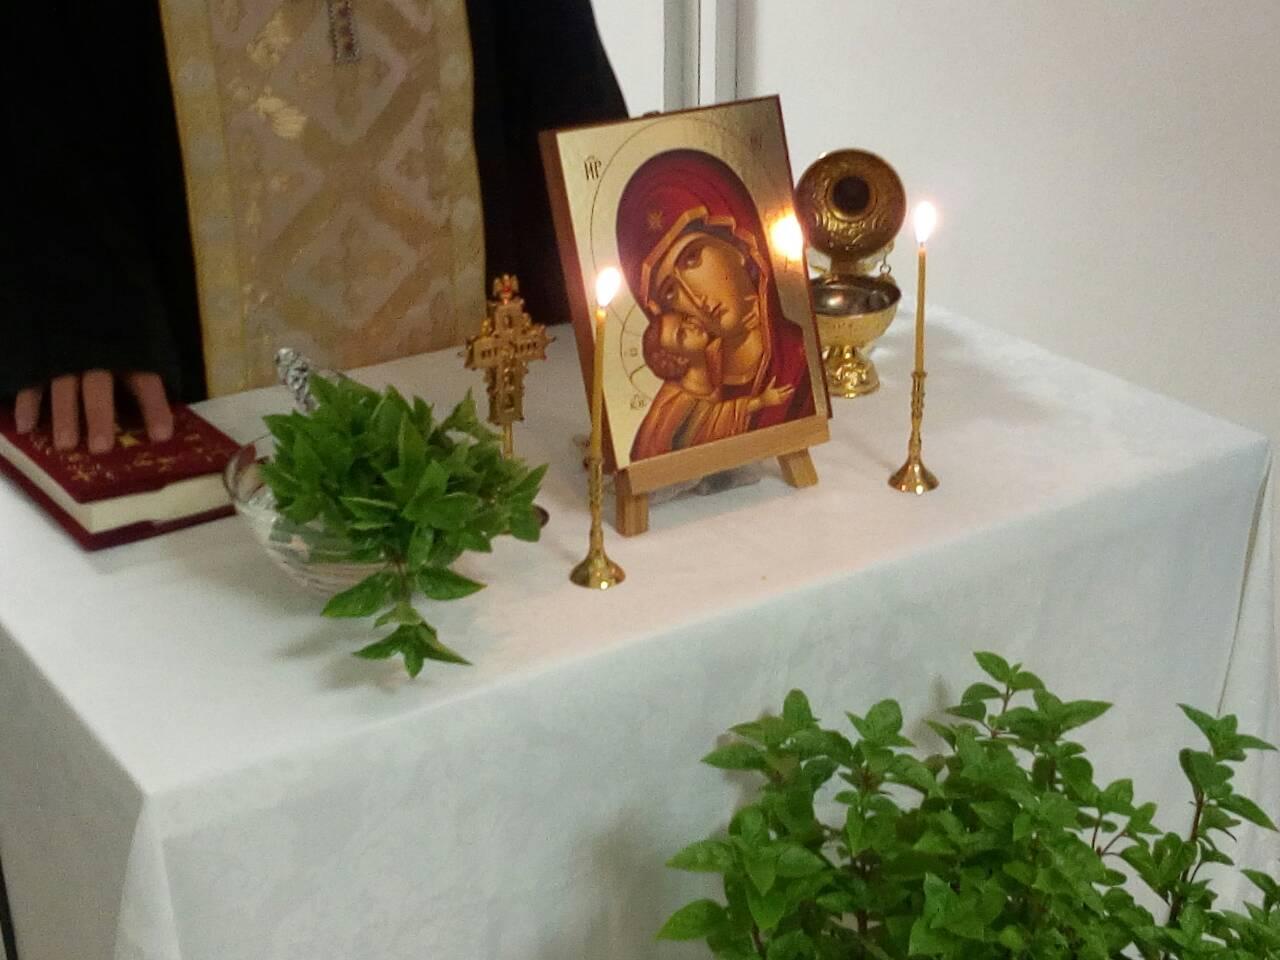 Αγιασμός για έβδομη συνεχή χρονιά στο Κοινωνικό Φροντιστήριο της Ιεράς Αρχιεπισκοπής Αθηνών